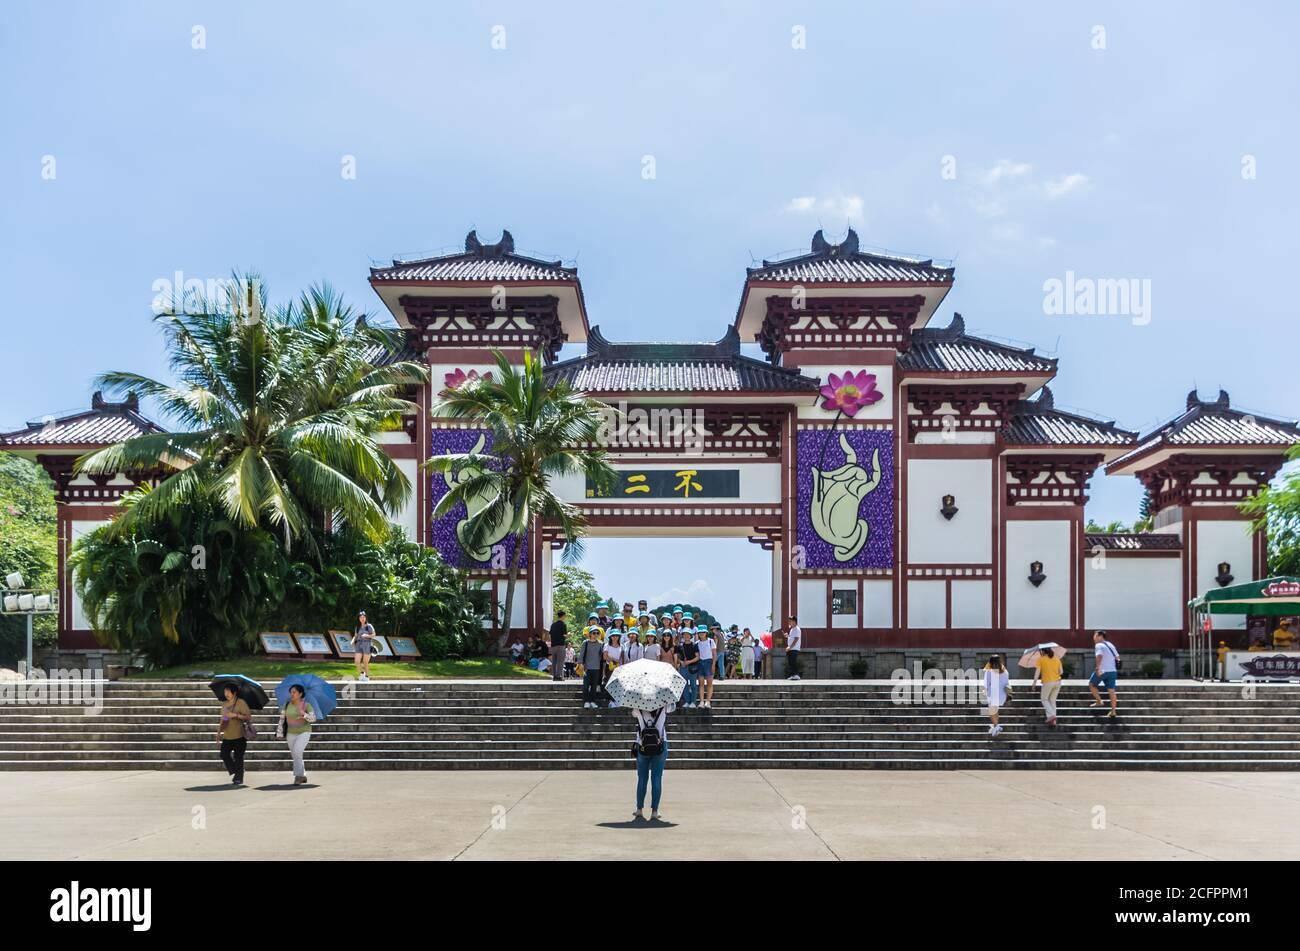 SANYA, HAINAN, CHINA - OCTOBER 10: Main entrance gate in Buddhist center Nanshan at October 10, 2019 in Sanya, Hainan, China Stock Photo